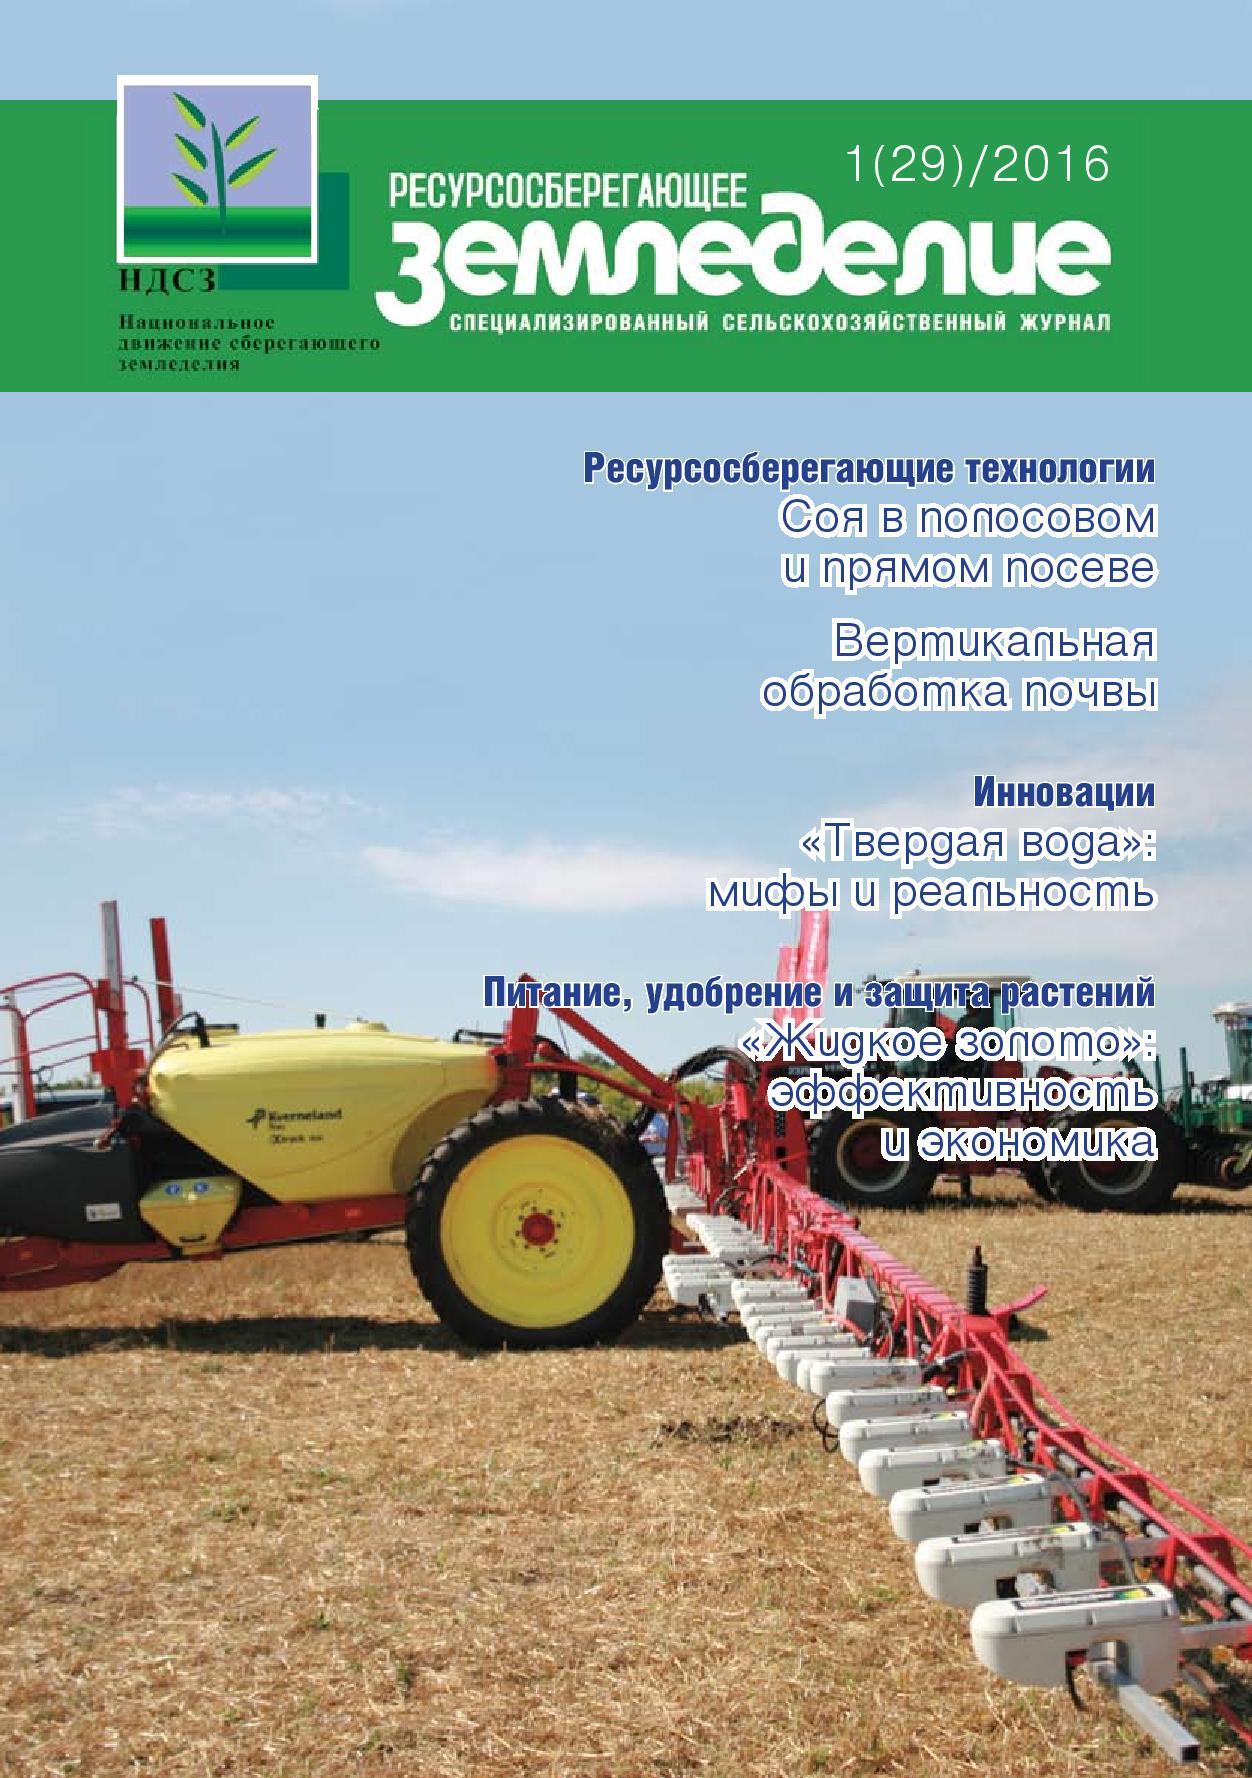 ресурсосберегающее земледелие журнал 2012